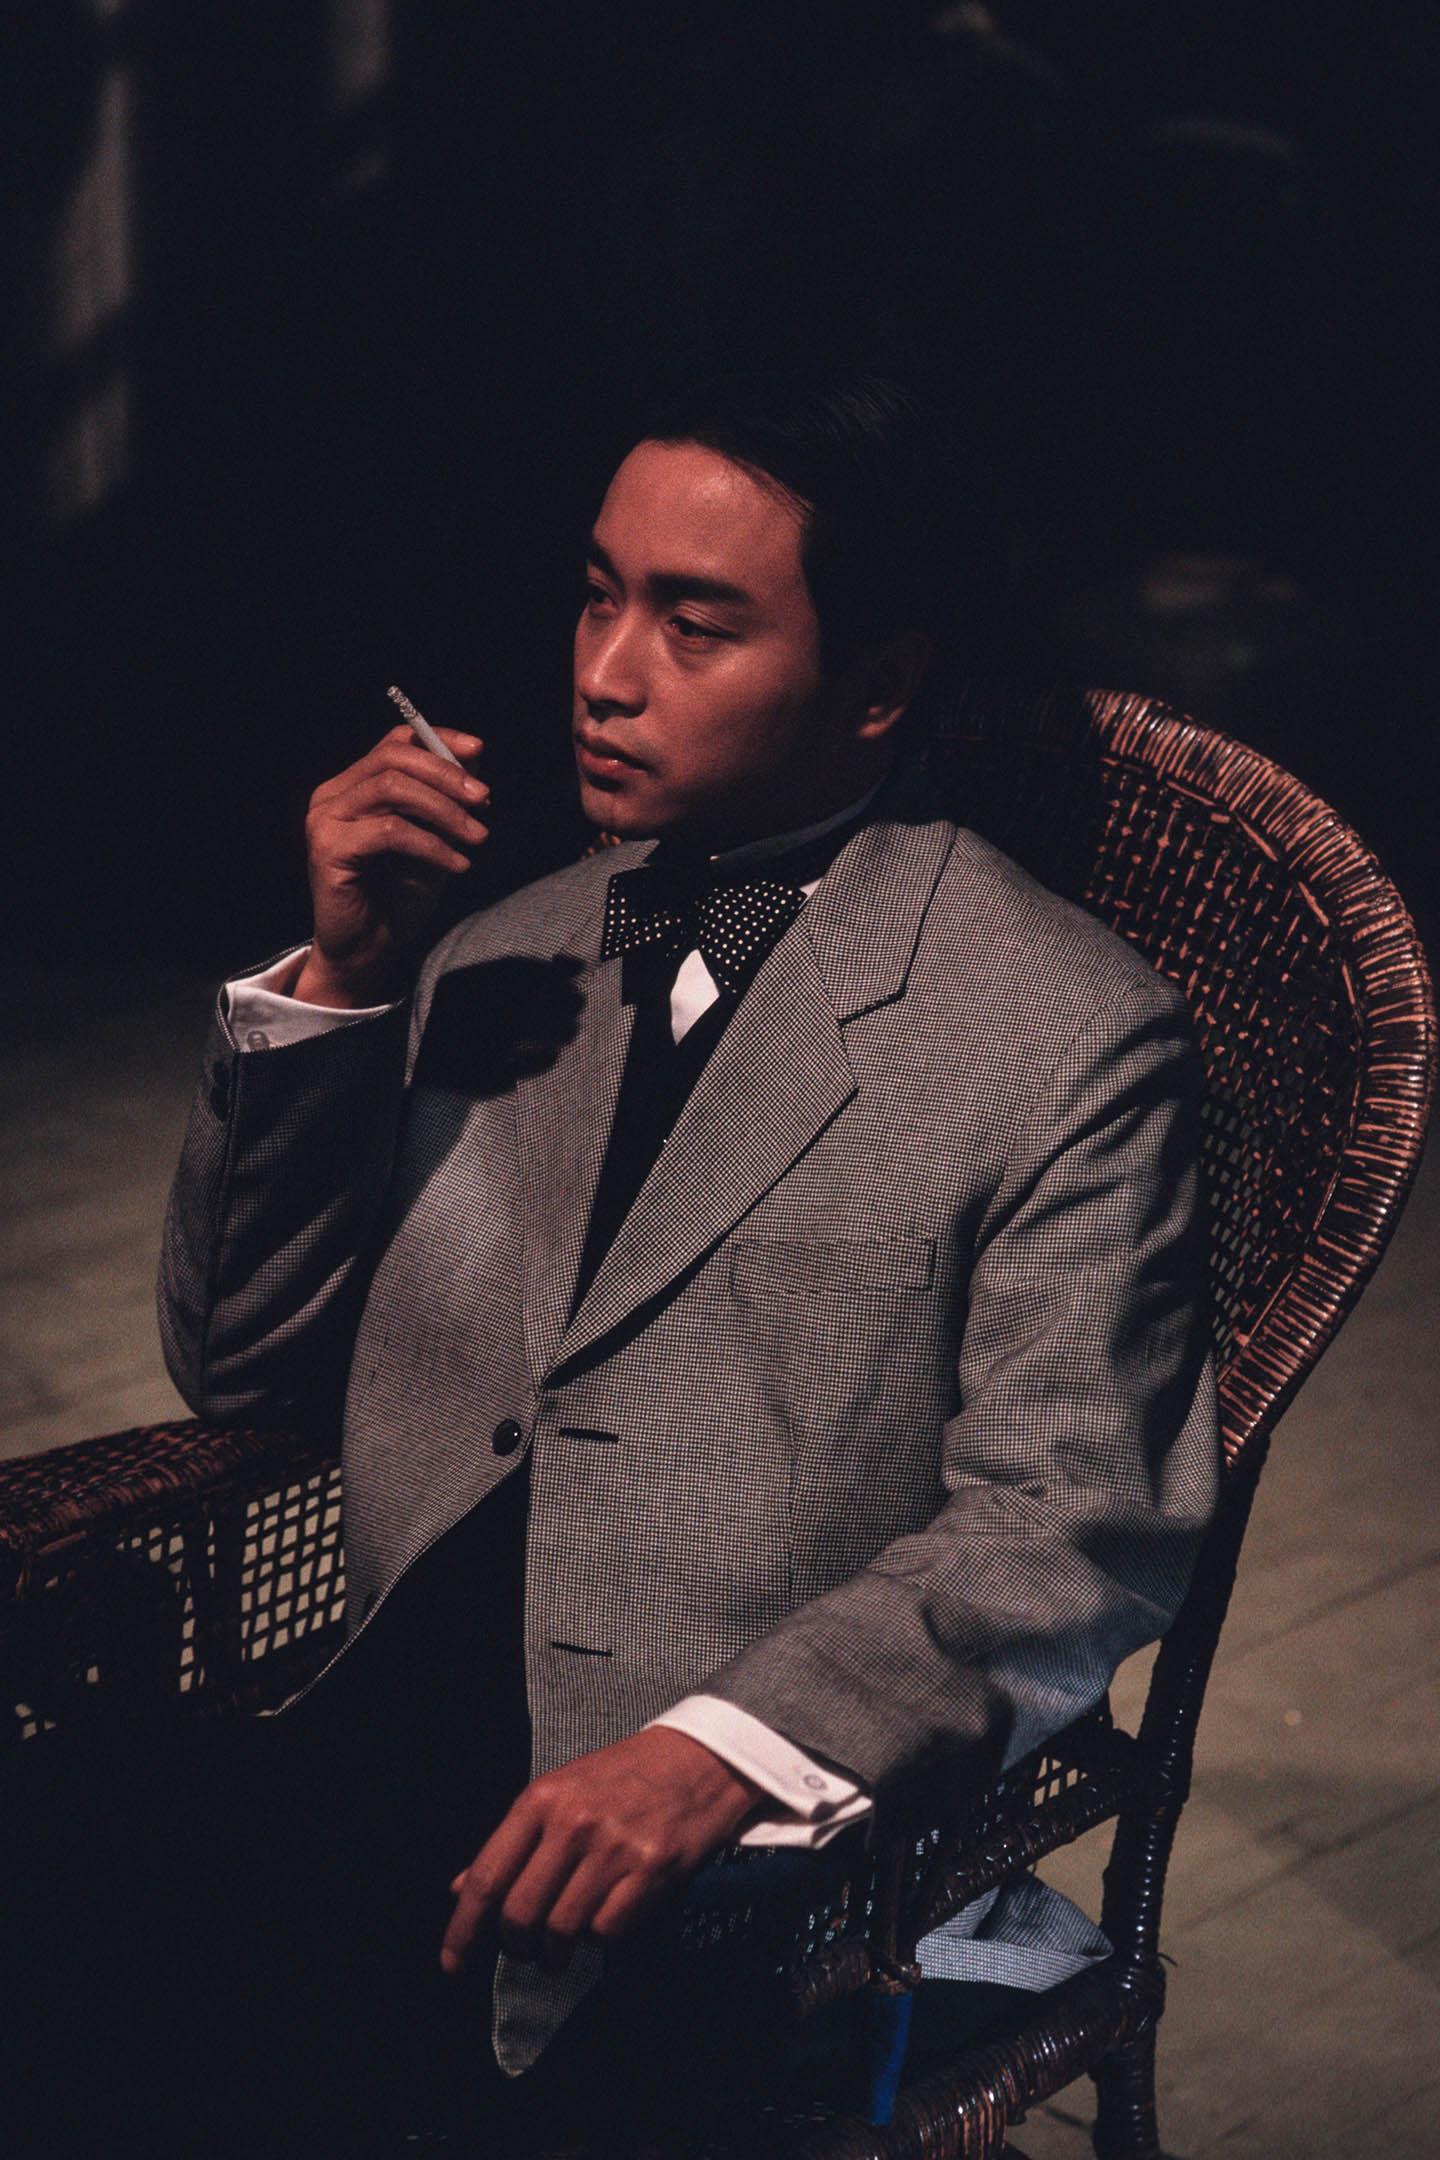 1995年10月1日中國上海,演員張國榮在上海電影製片廠拍攝。